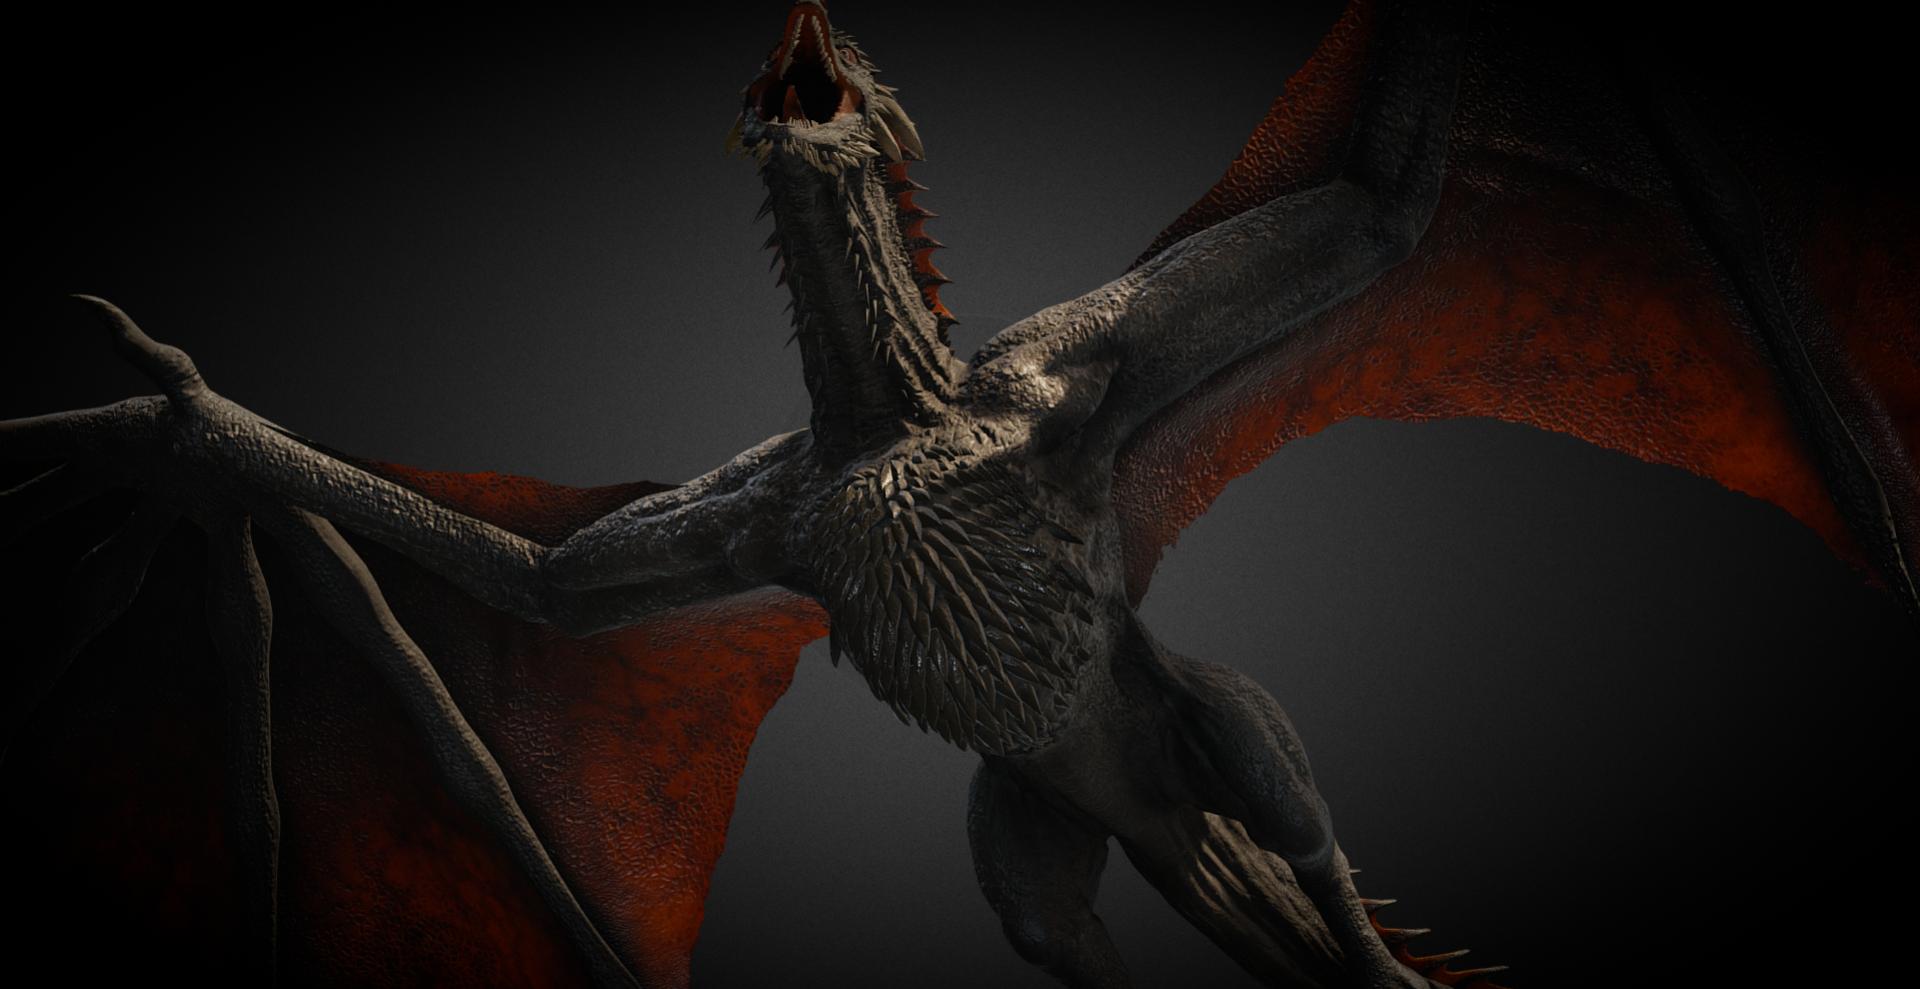 3D角色建模 、工业建模渲染、三维建模渲染